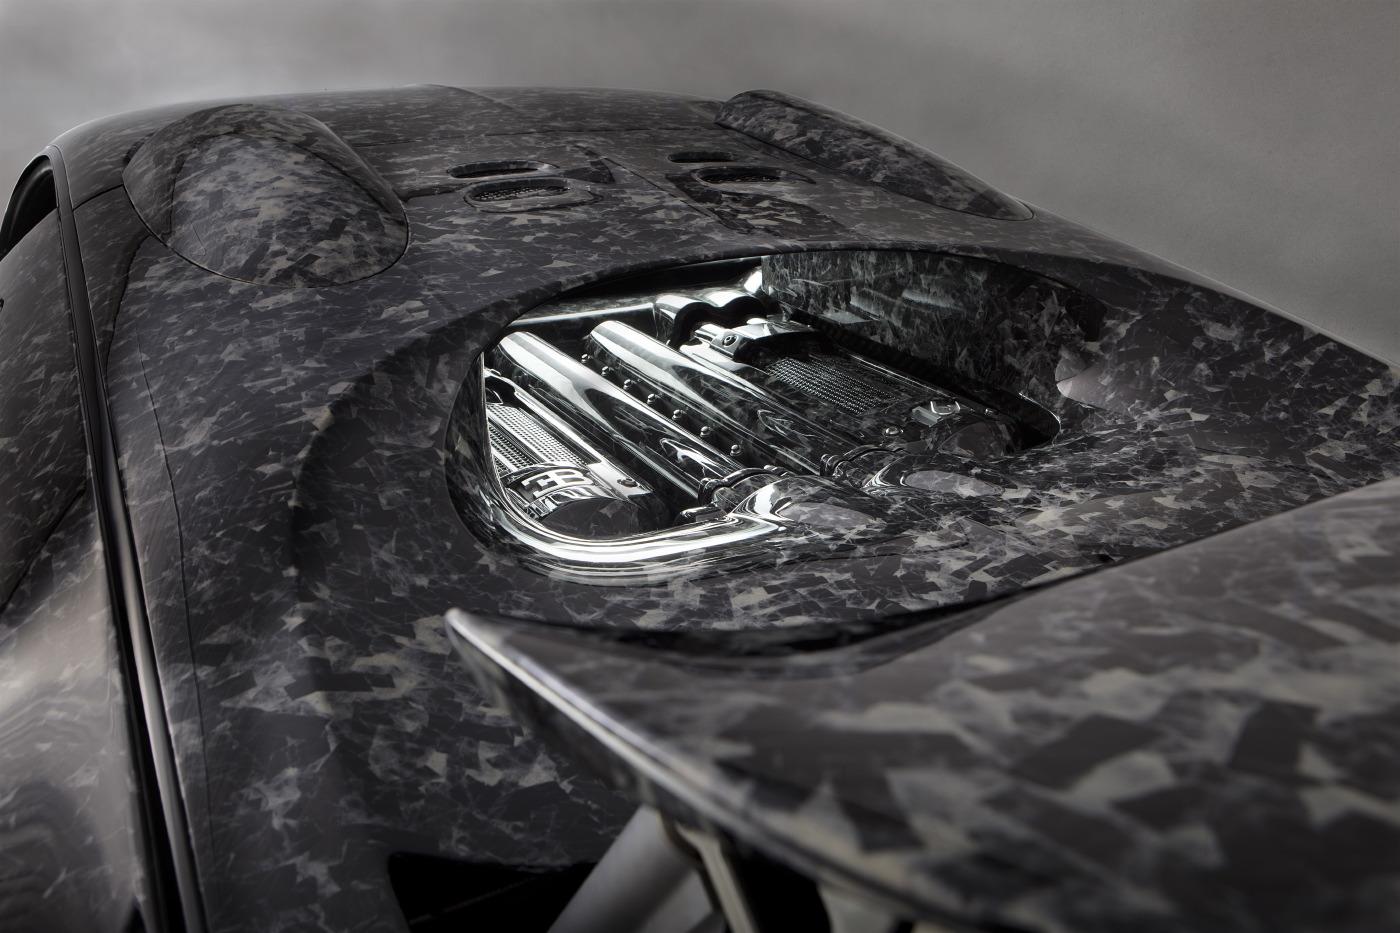 Подвеска осталась та же, но автомобиль едет на элегантных новых кованых легкосплавных колесах с тонкими спицами для улучшения охлаждения тормозов, что важно для 425 км/ч.